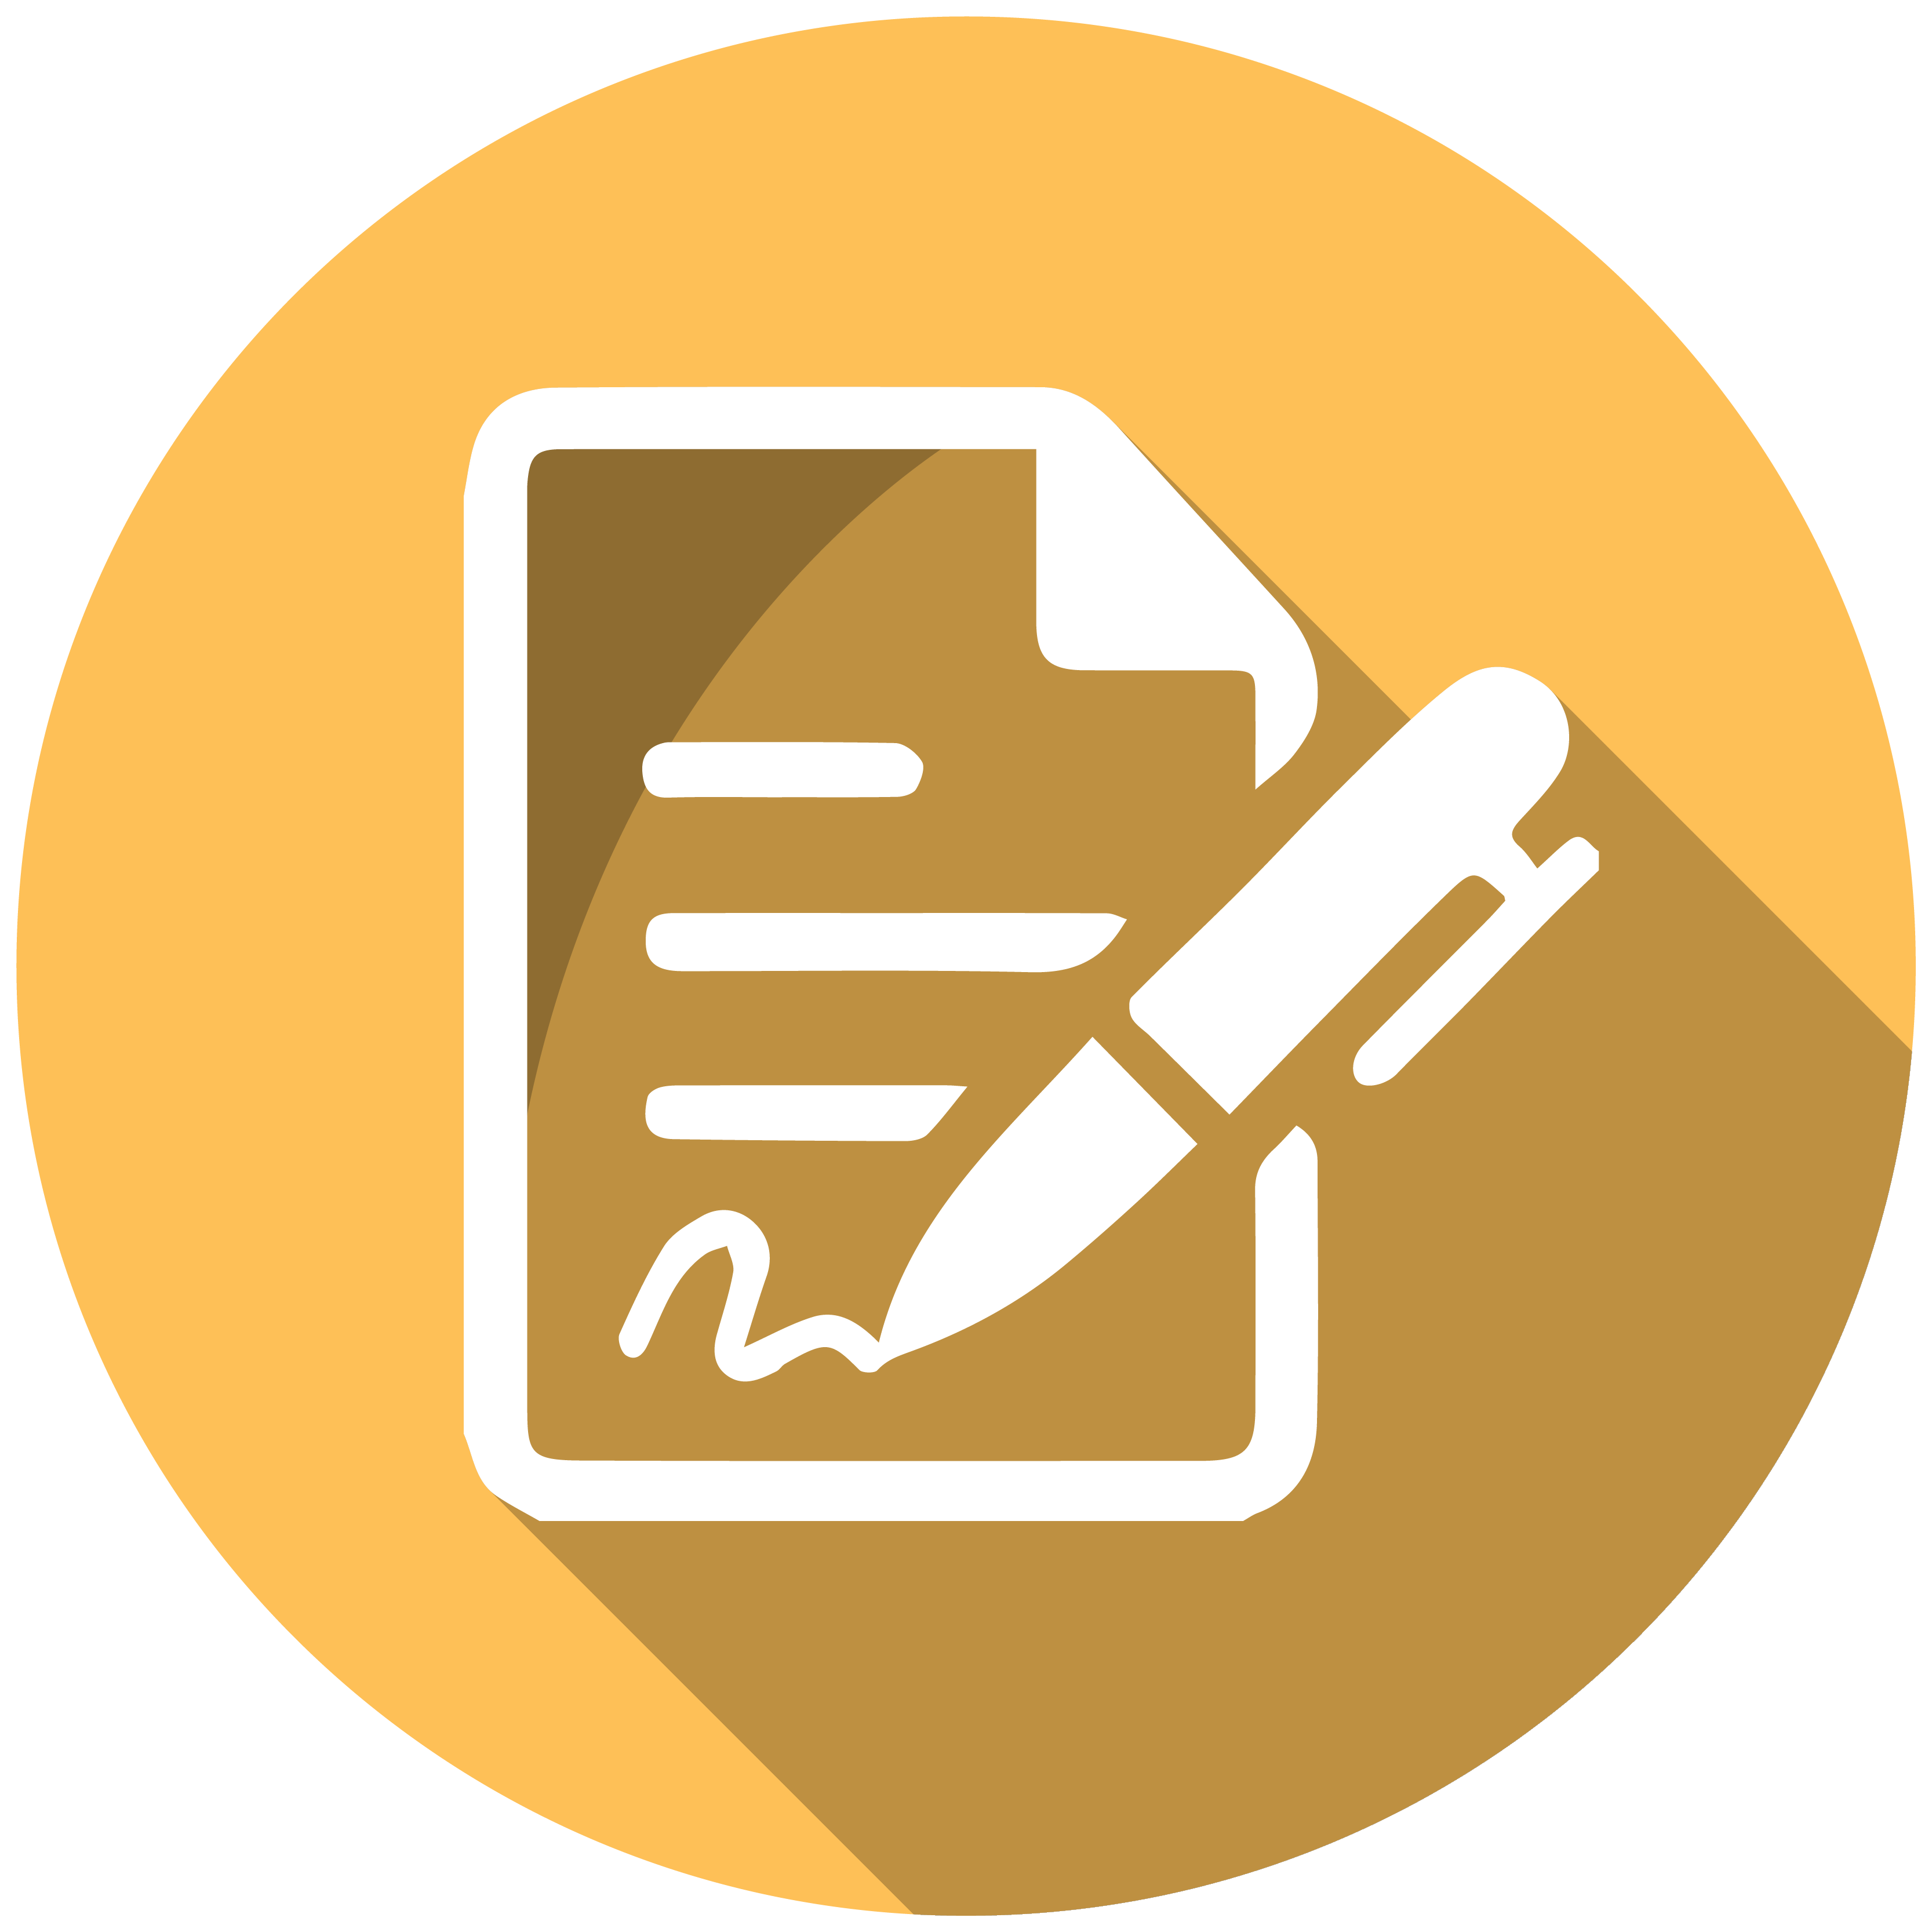 پاورپوینت بررسی مدیریت و کنترل پروژه